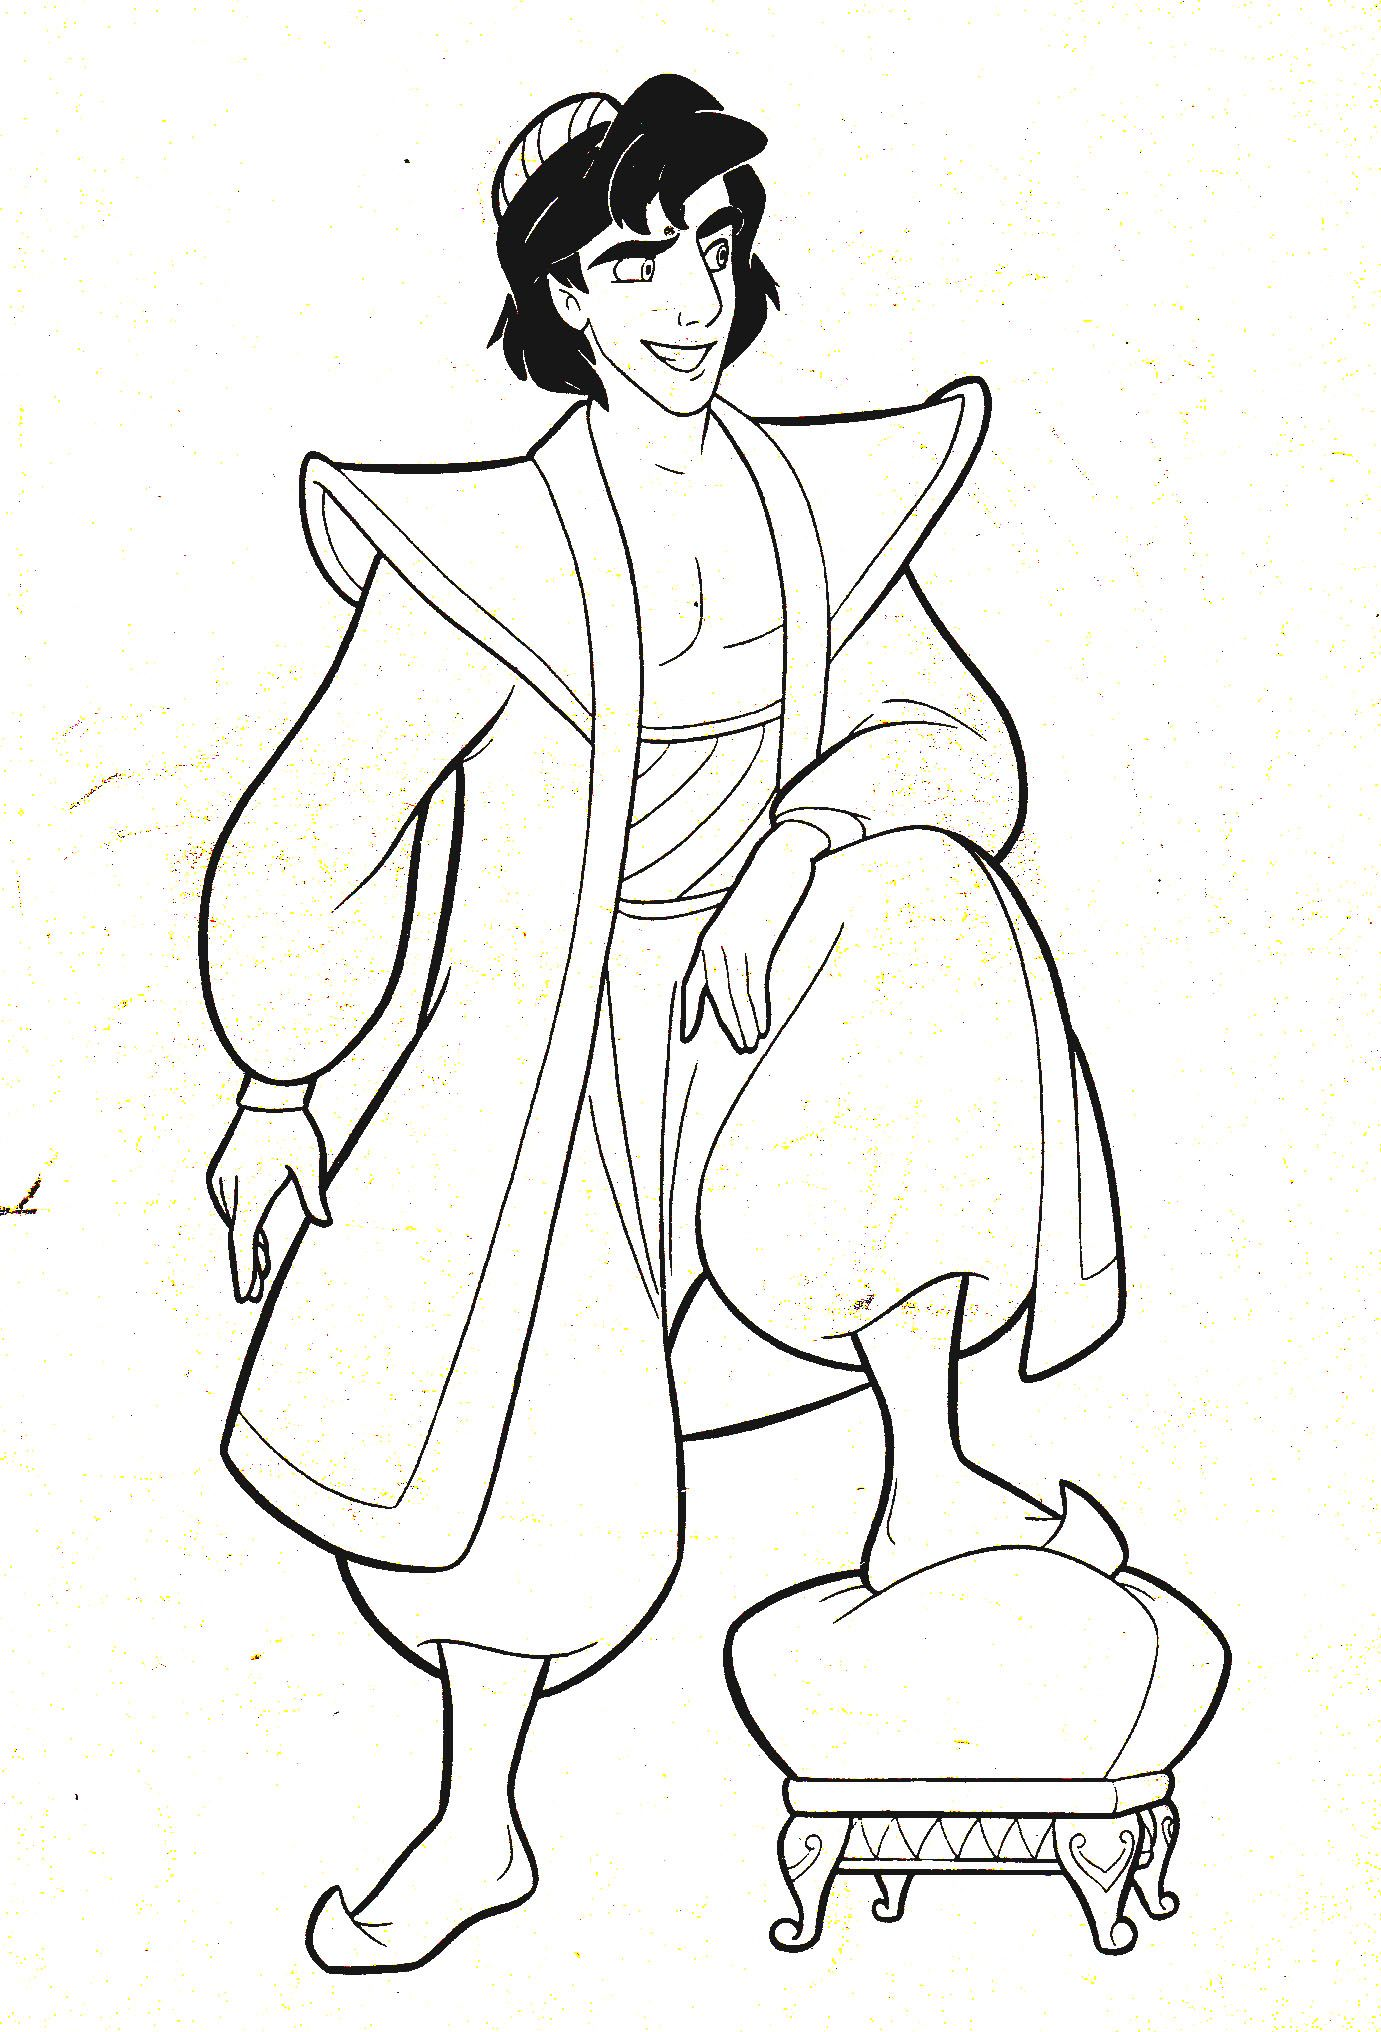 Of Walt Disney Characters Images Afbeeldingsresultaat Voor Aladdin Coloring Pages